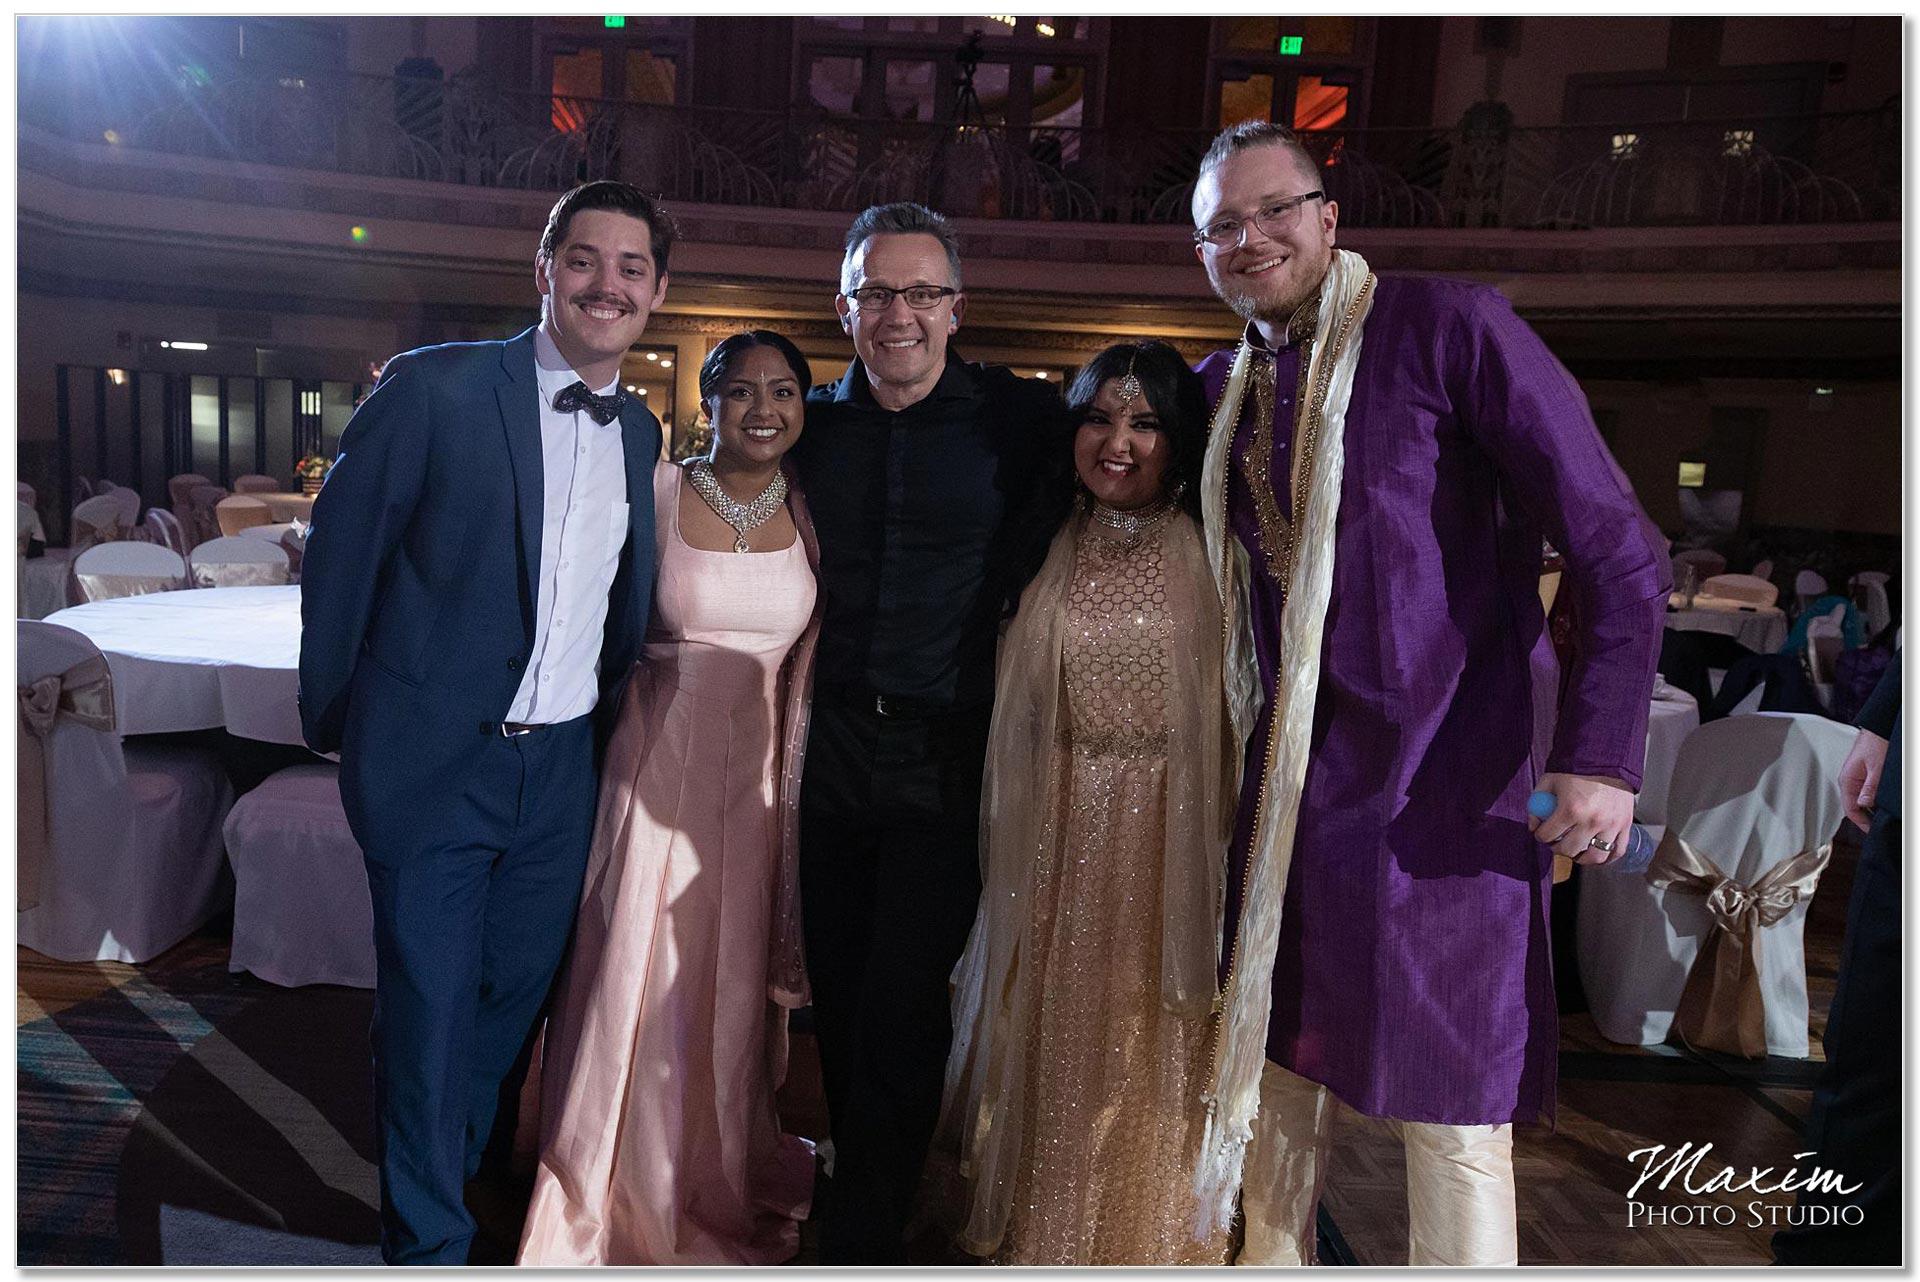 Hilton Netherland Plaza Indian Wedding couples